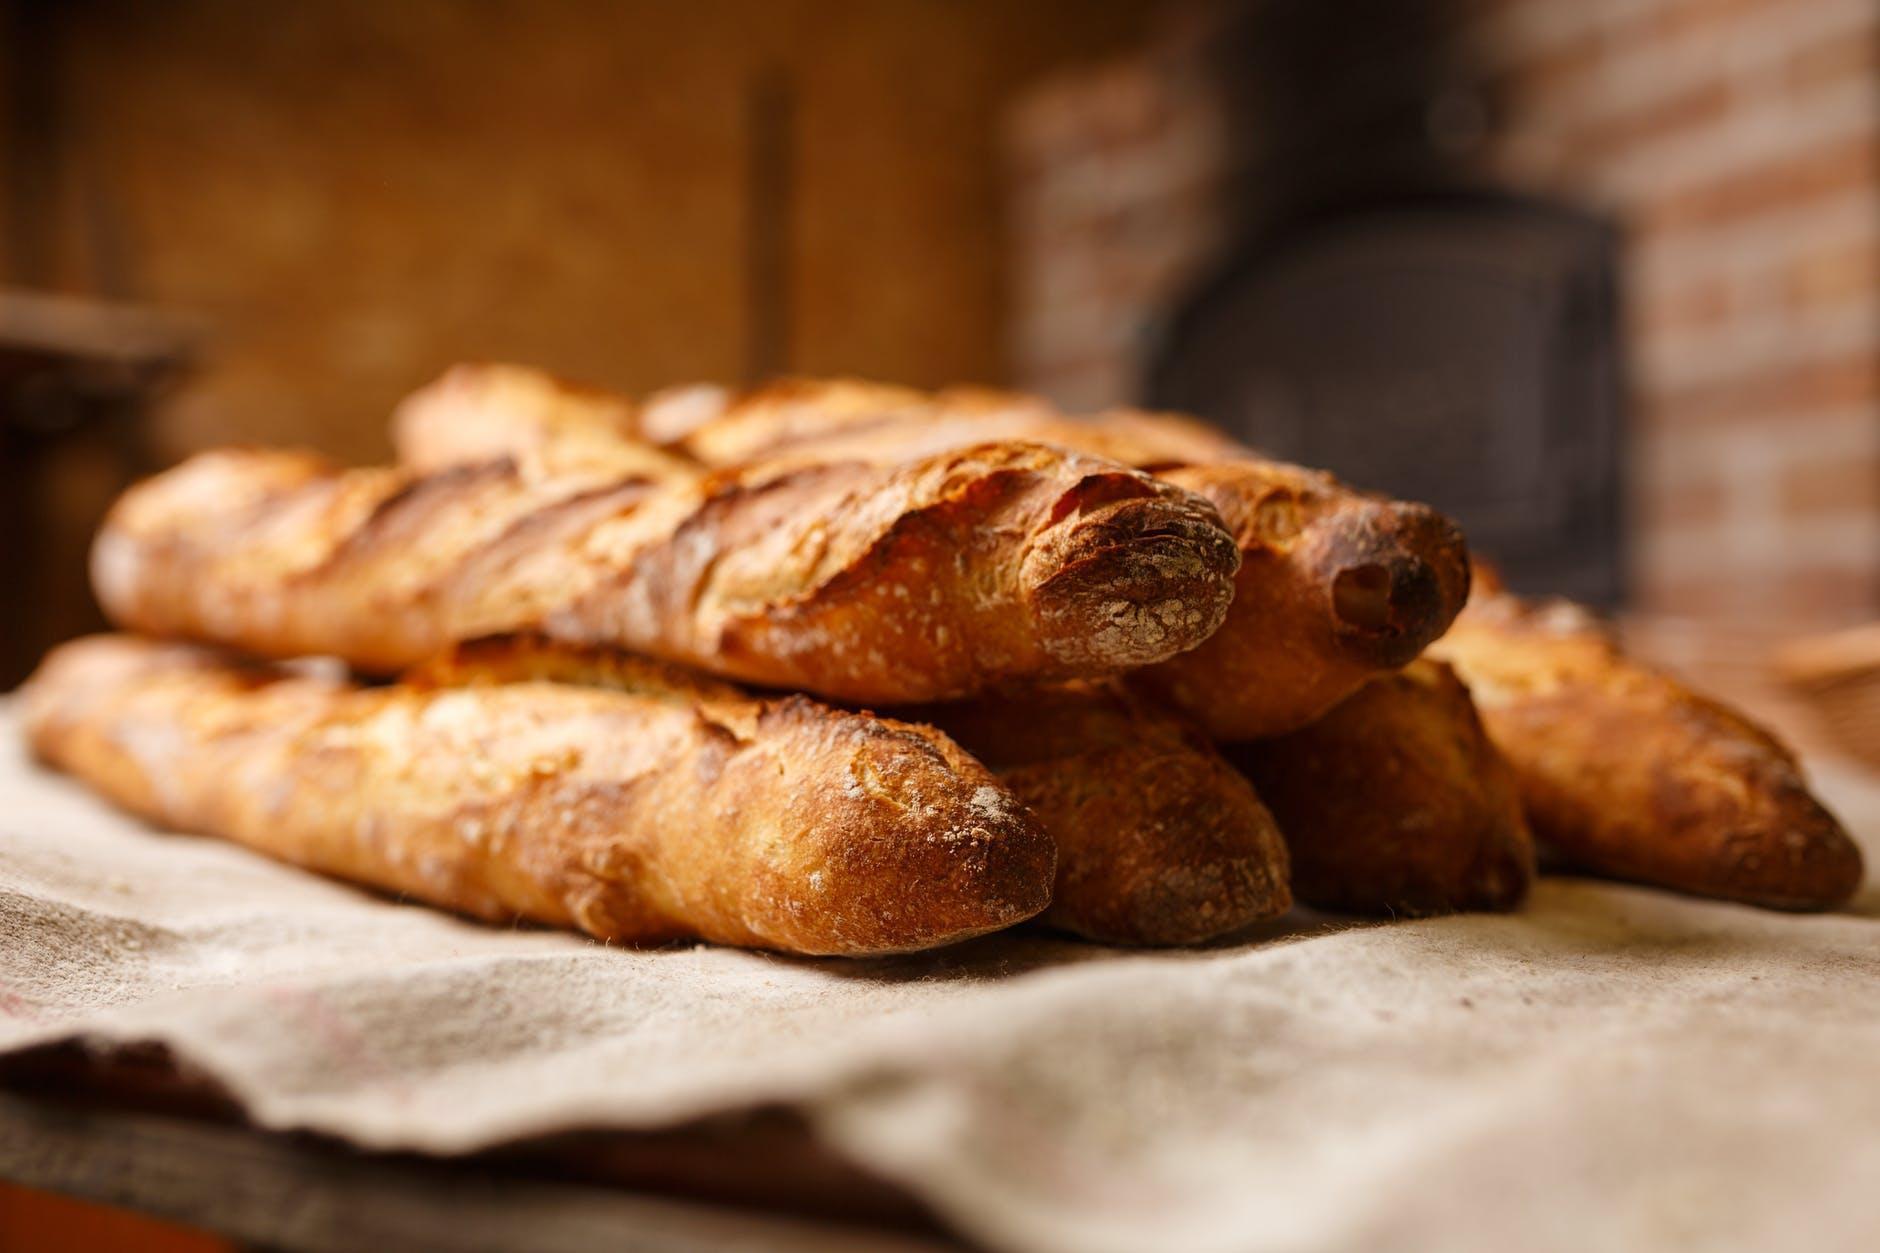 élelmiszerpazarlás élelmiszerhulladék kenyér